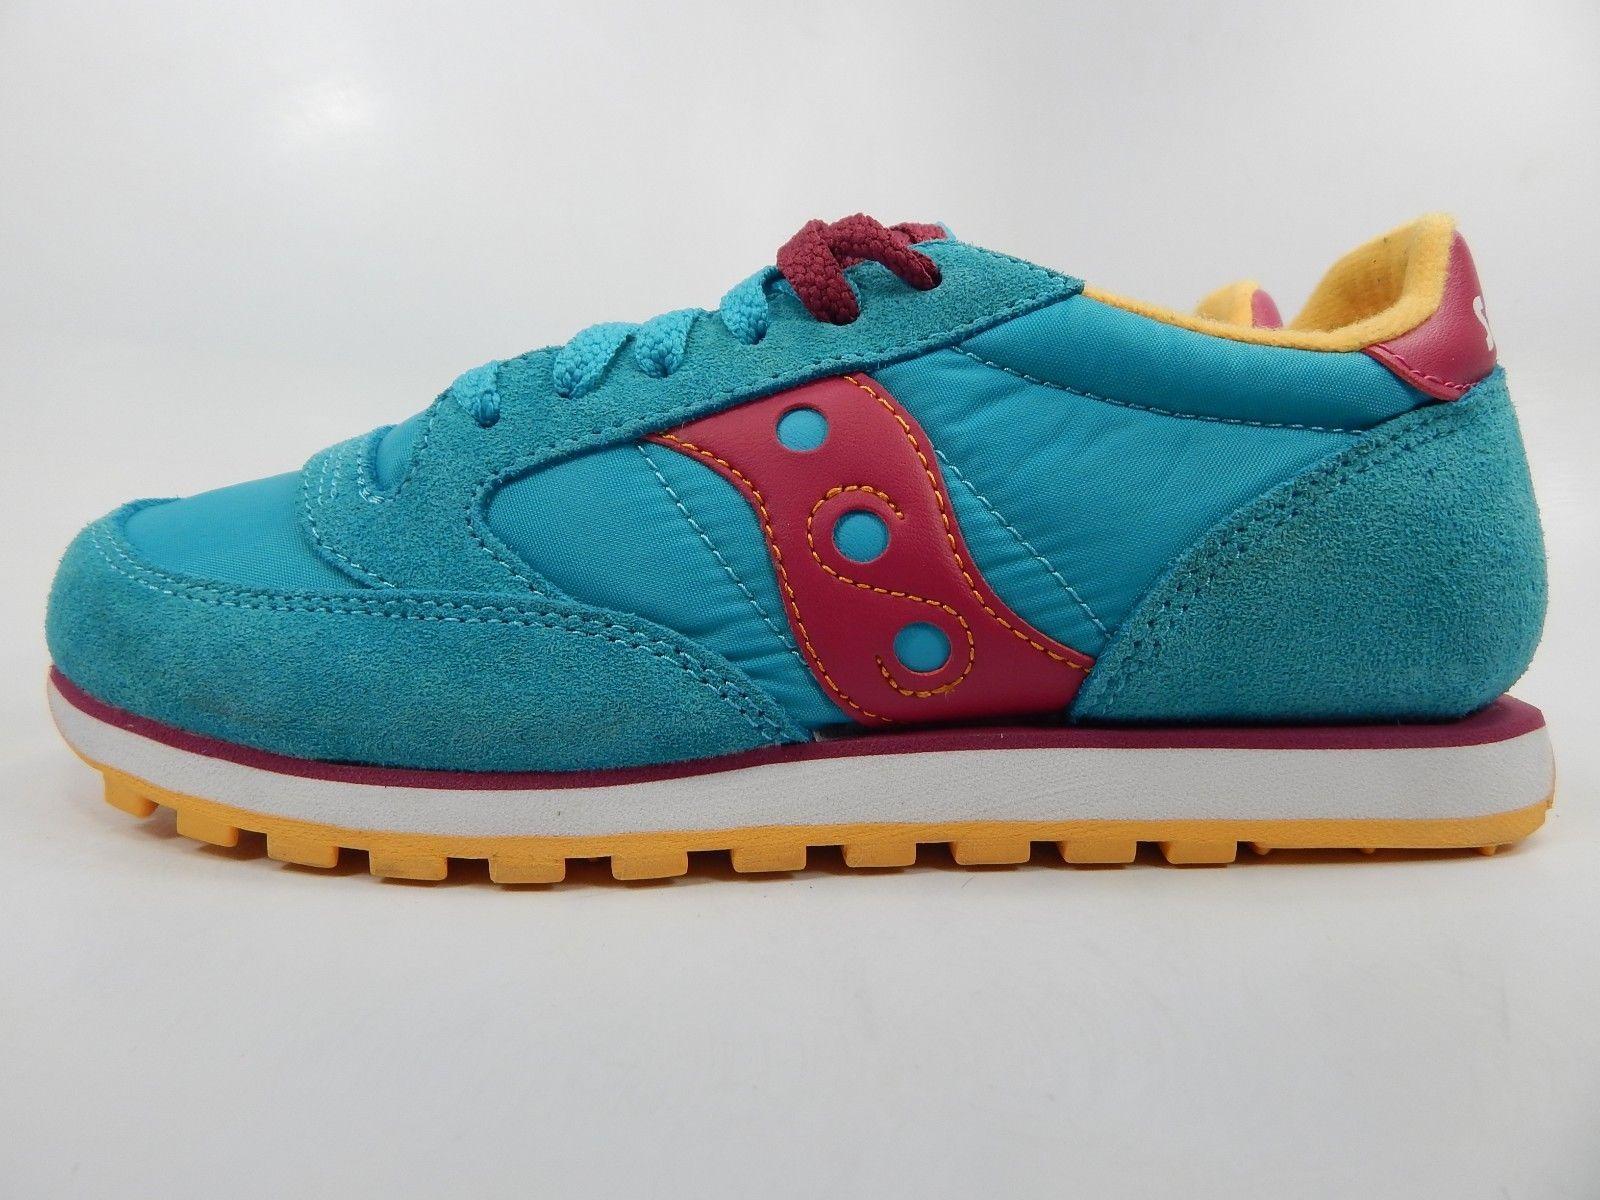 Saucony Original Jazz Low Pro Women's Shoes Size 7 M (B) EU 38 Blue S1866-196